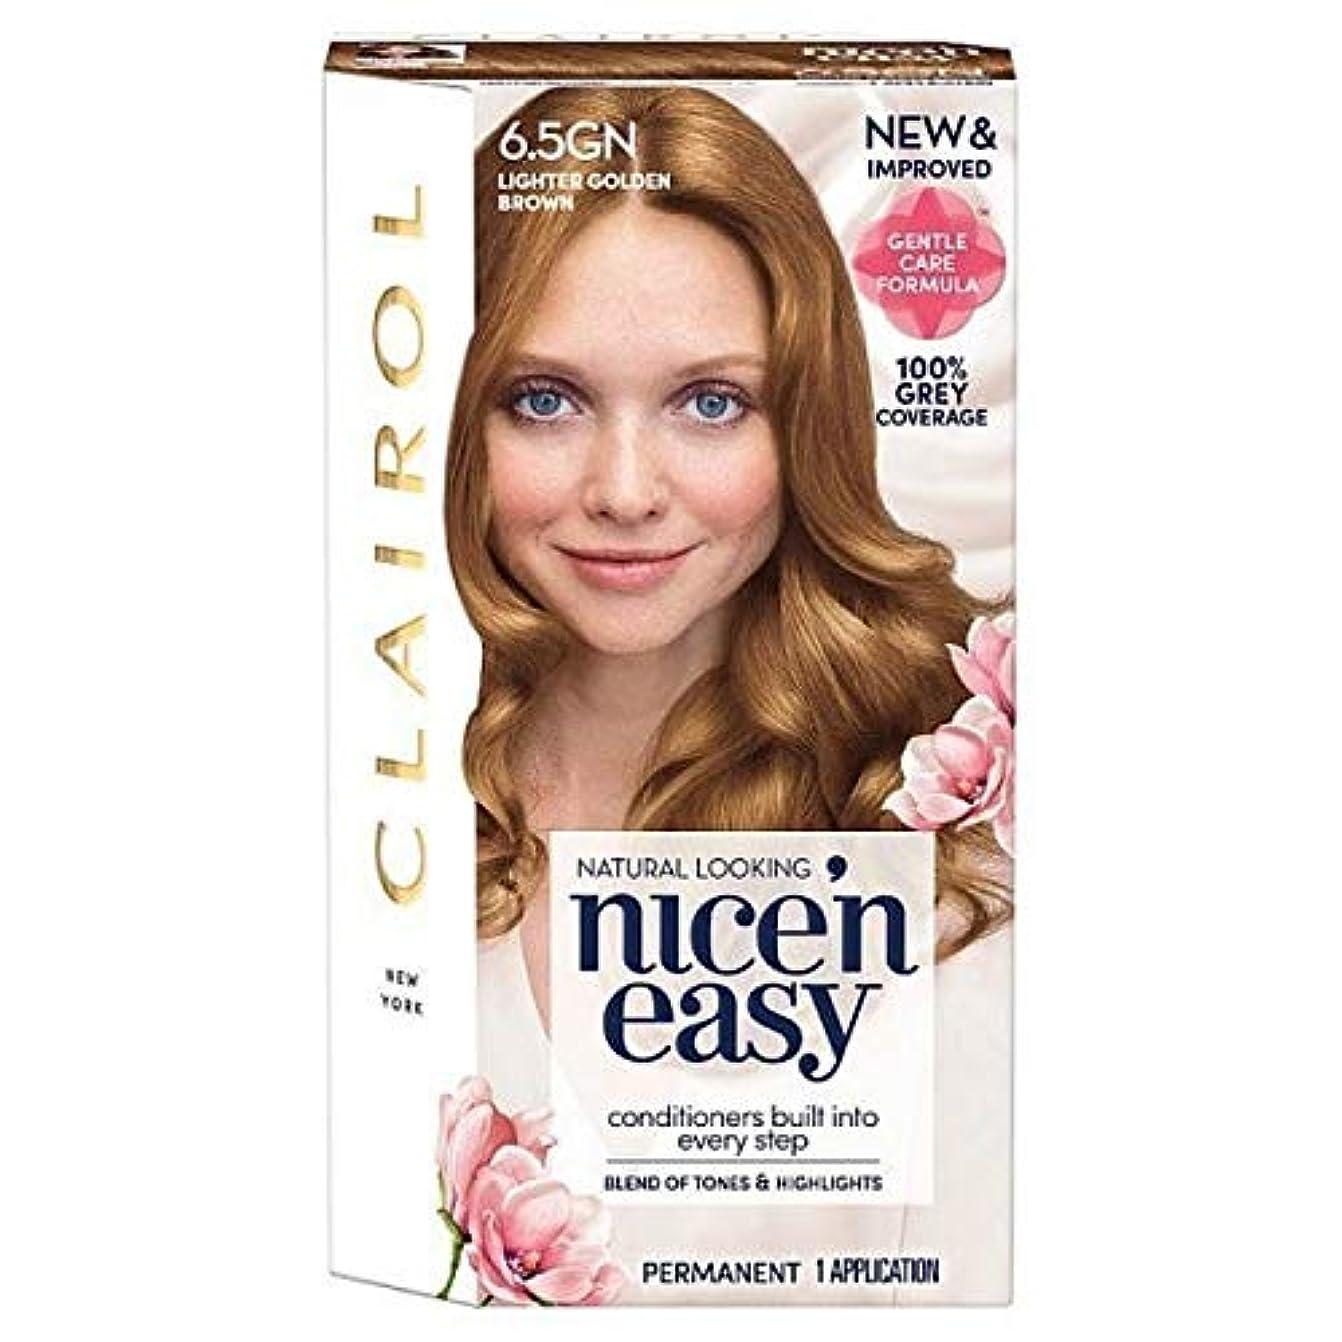 貧困藤色配分[Nice'n Easy] Nice'N簡単6.5Gn軽くキツネ色 - Nice'n Easy 6.5Gn Lighter Golden Brown [並行輸入品]